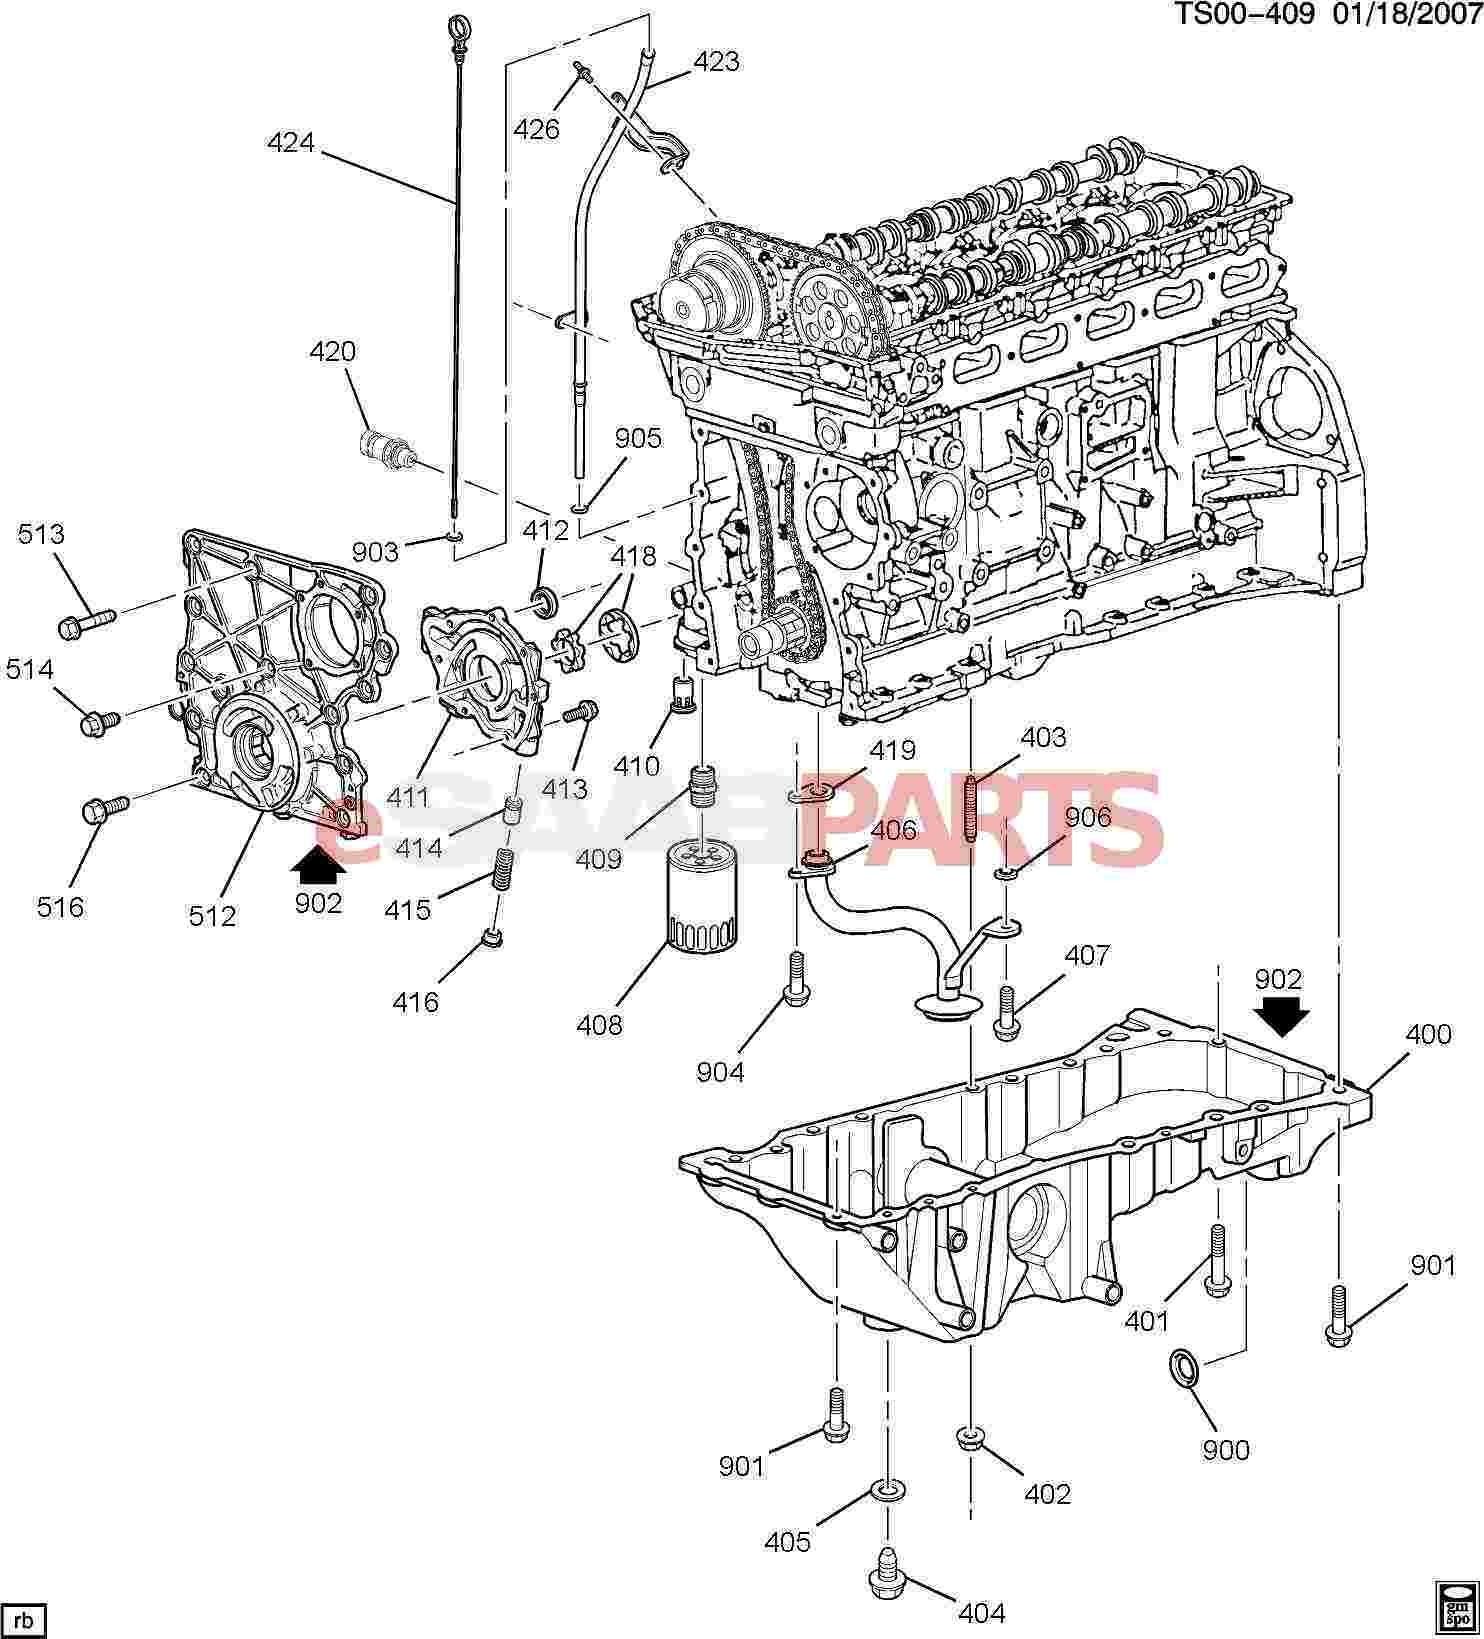 Saab 900 Engine Diagram Esaabparts Saab 9 7x Engine Parts Engine Internal 4 2s Of Saab 900 Engine Diagram